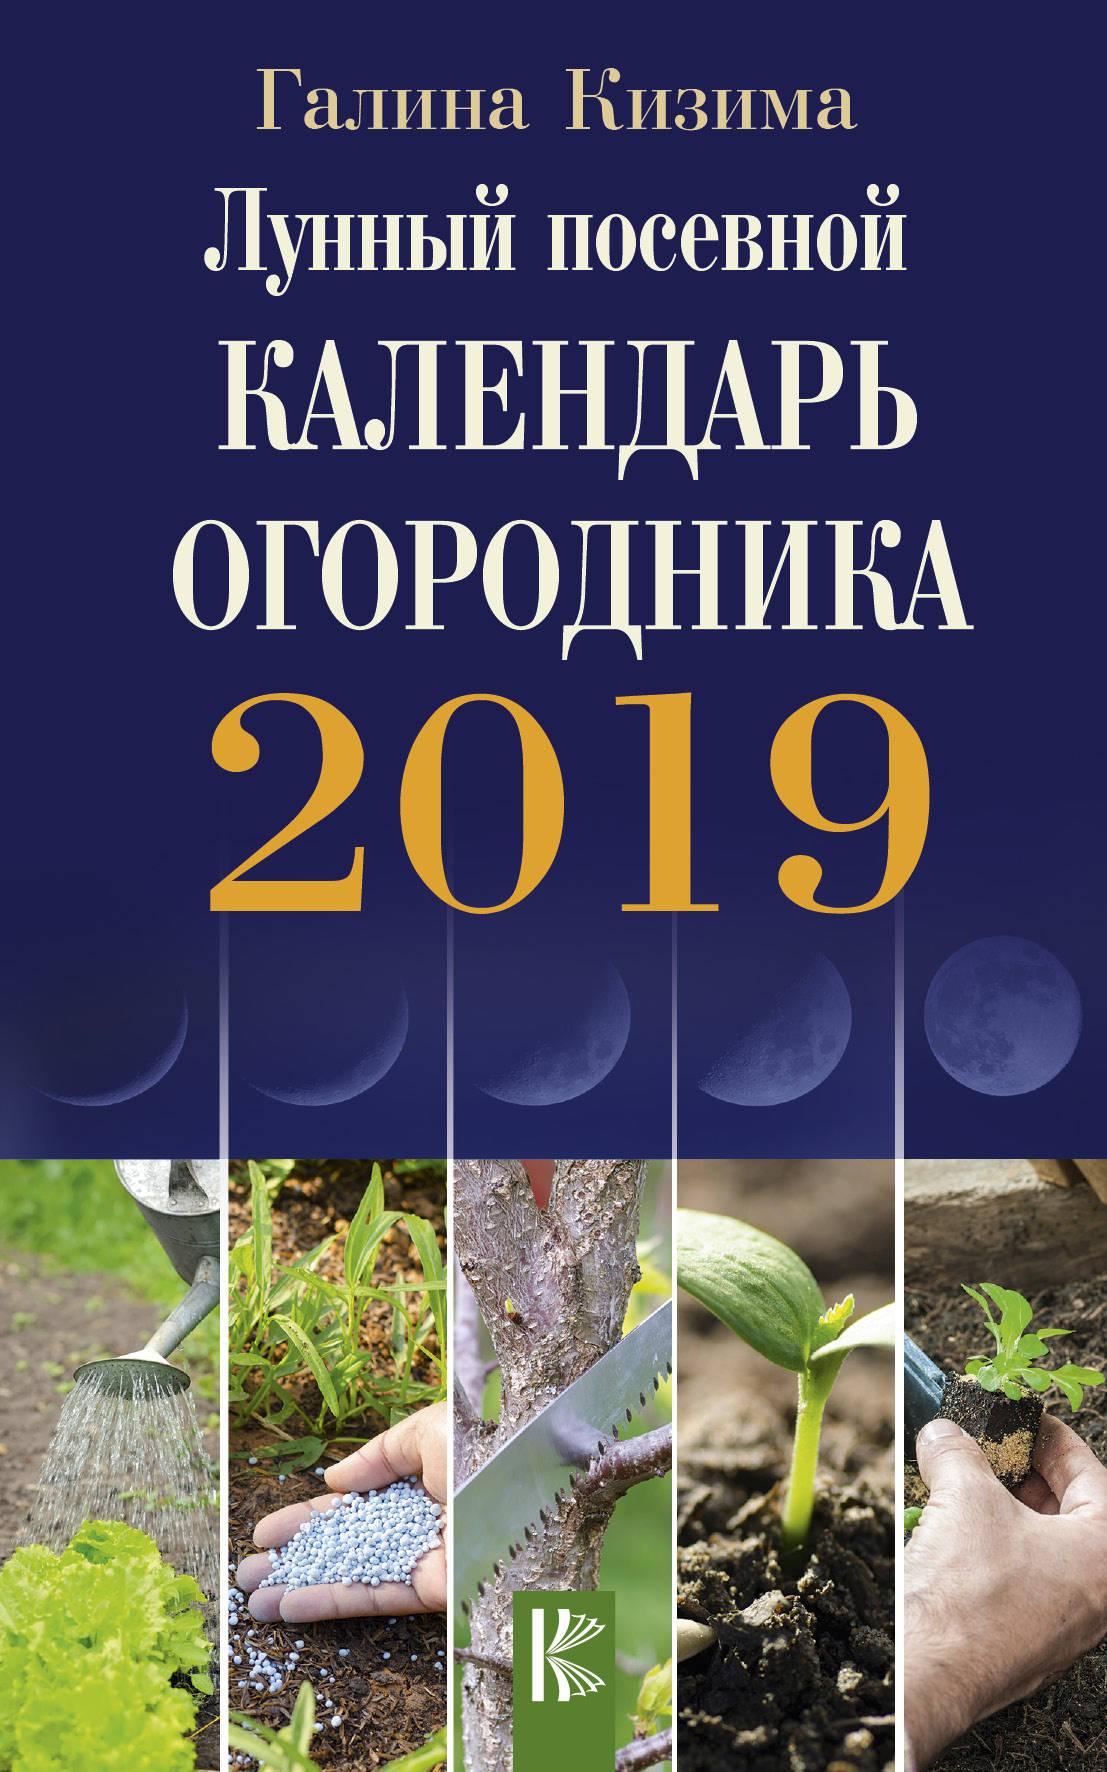 Галина Кизима Лунный посевной календарь огородника на 2019 год